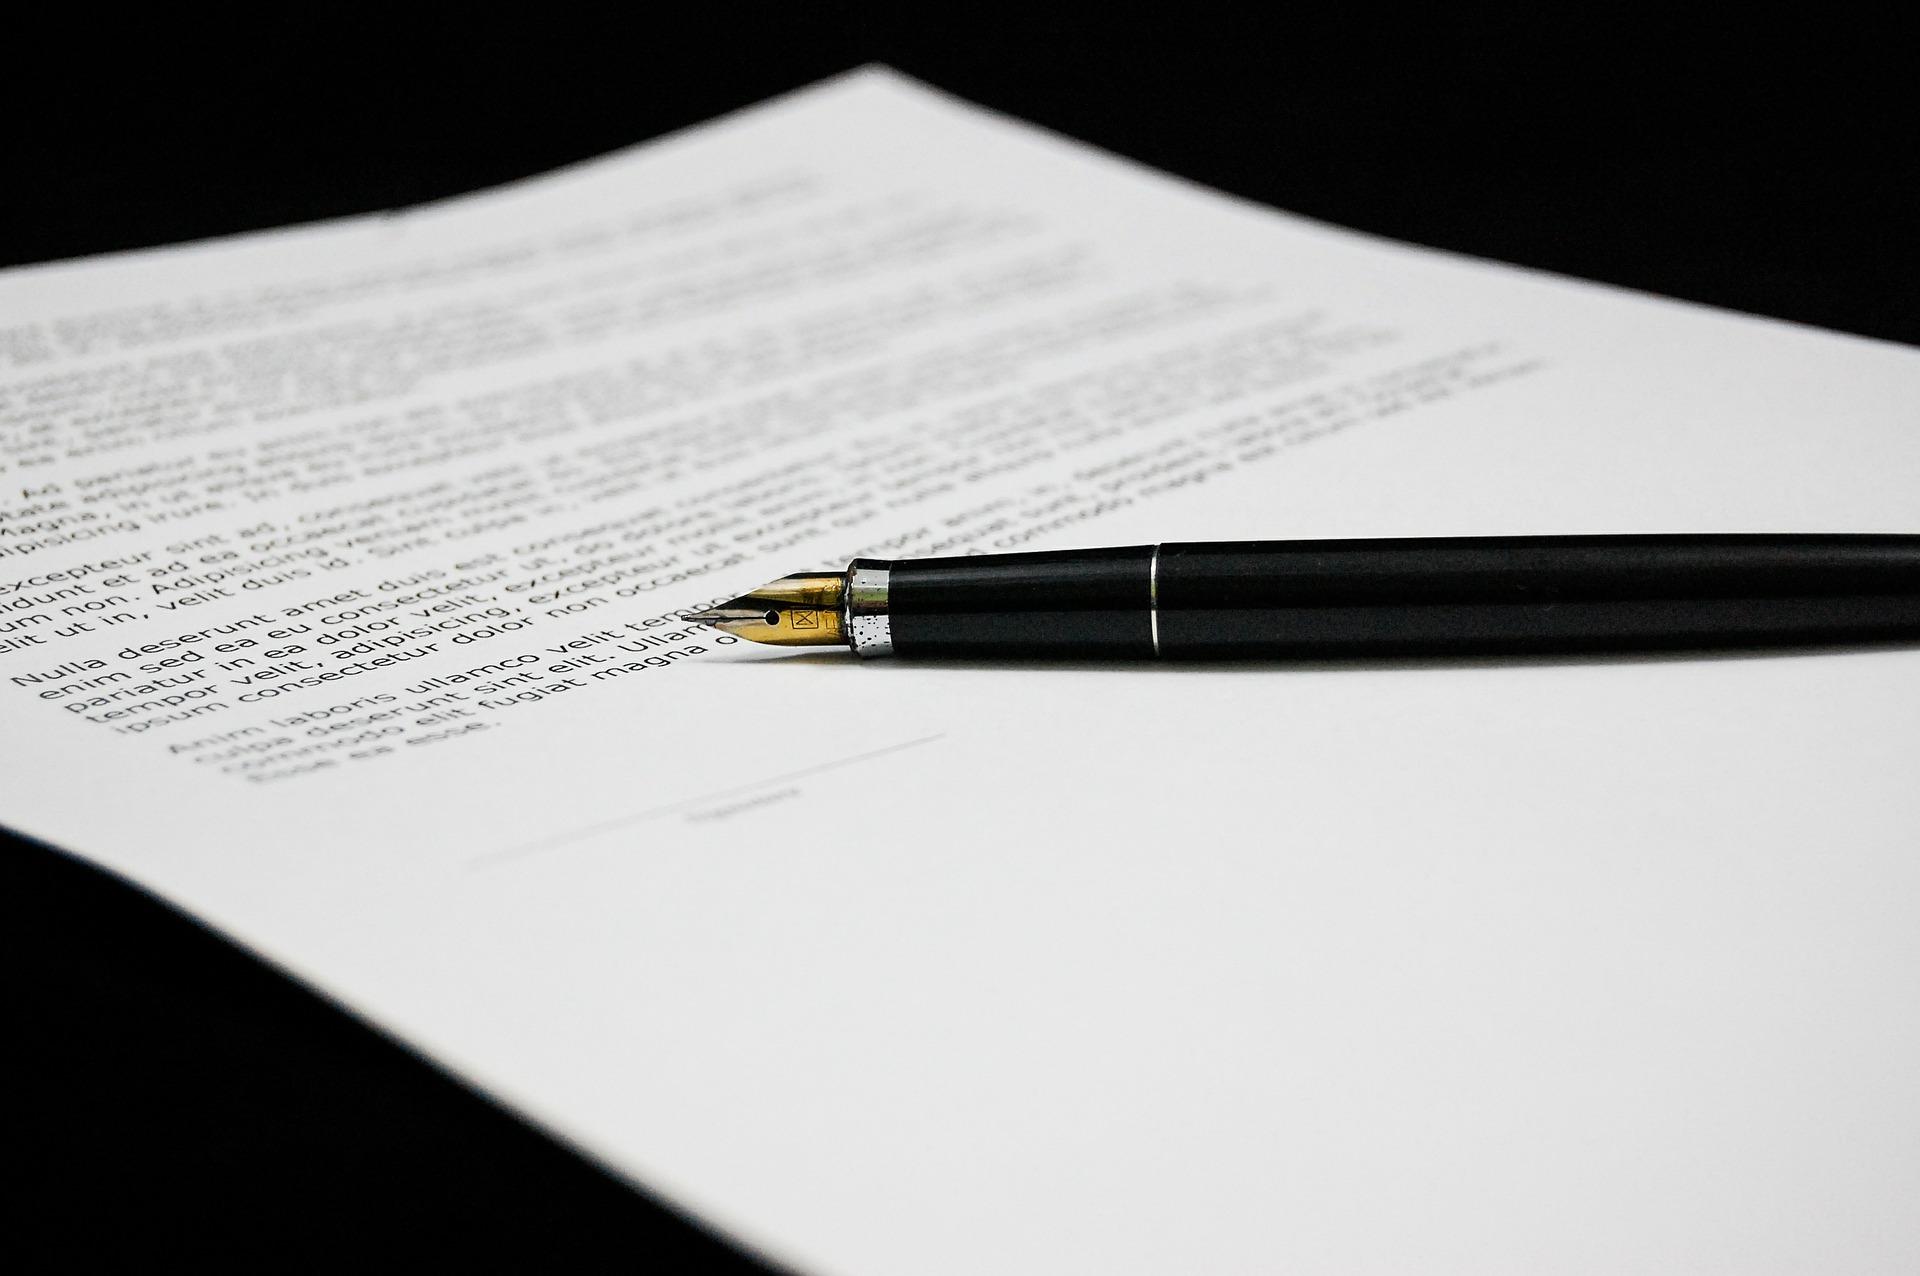 Prezydent podpisał ustawę o podatku cukrowym pomimo protestów przedsiębiorców